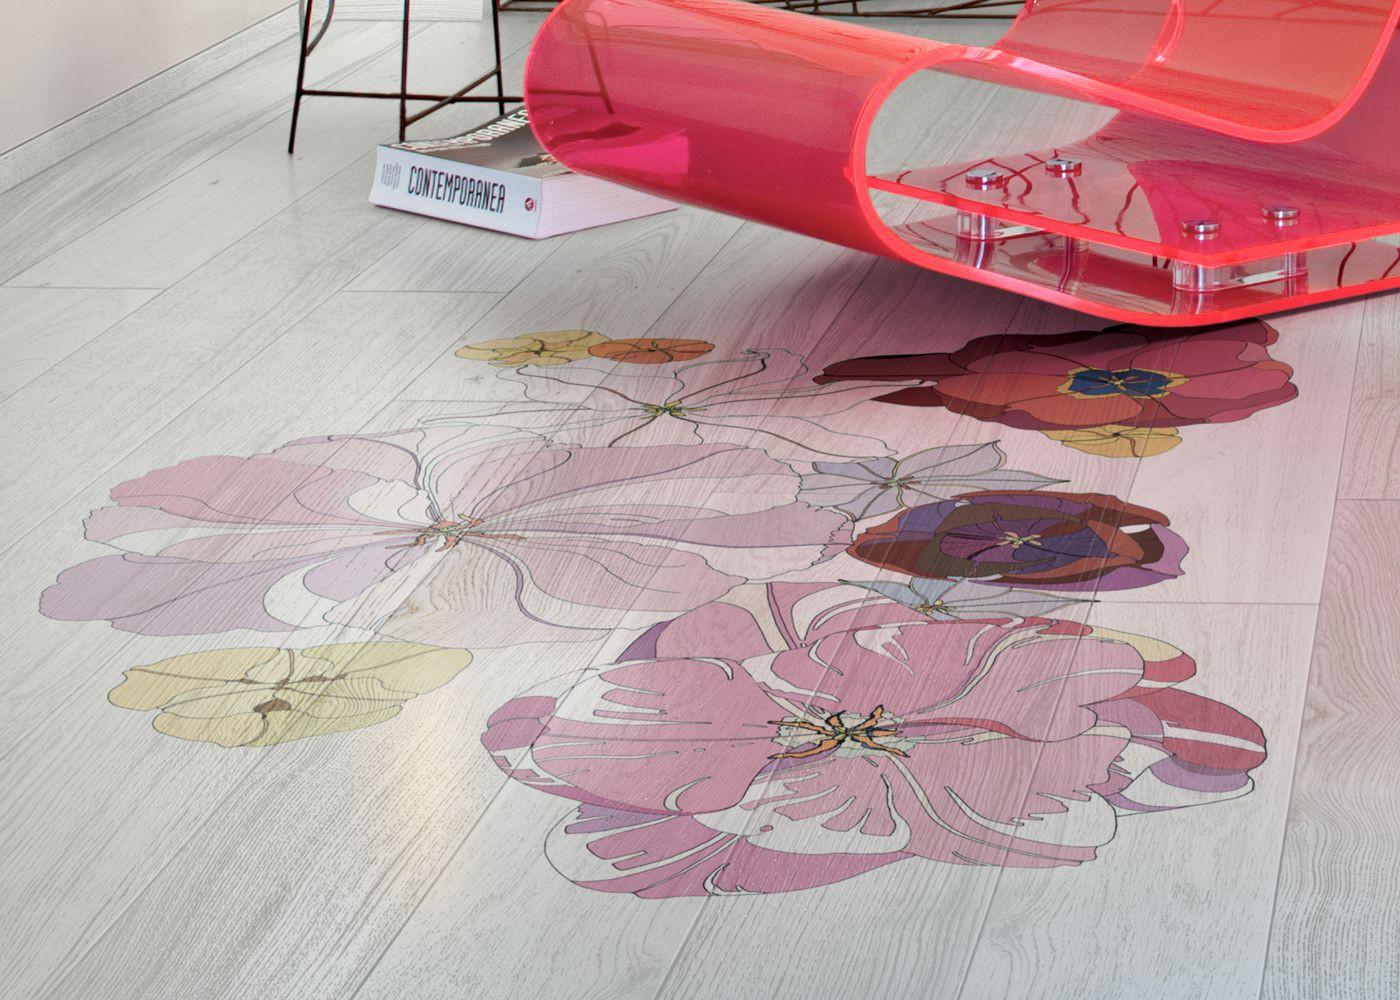 Parquet Contrecollé Monolame Chêne G4 PR Bis Contemporain Vernis Brossé Mat Teinte Blanche (sw)- Design Tulipae Gemini 4 (van Der Hist )- Pefc - Fsc- Format 860/1440